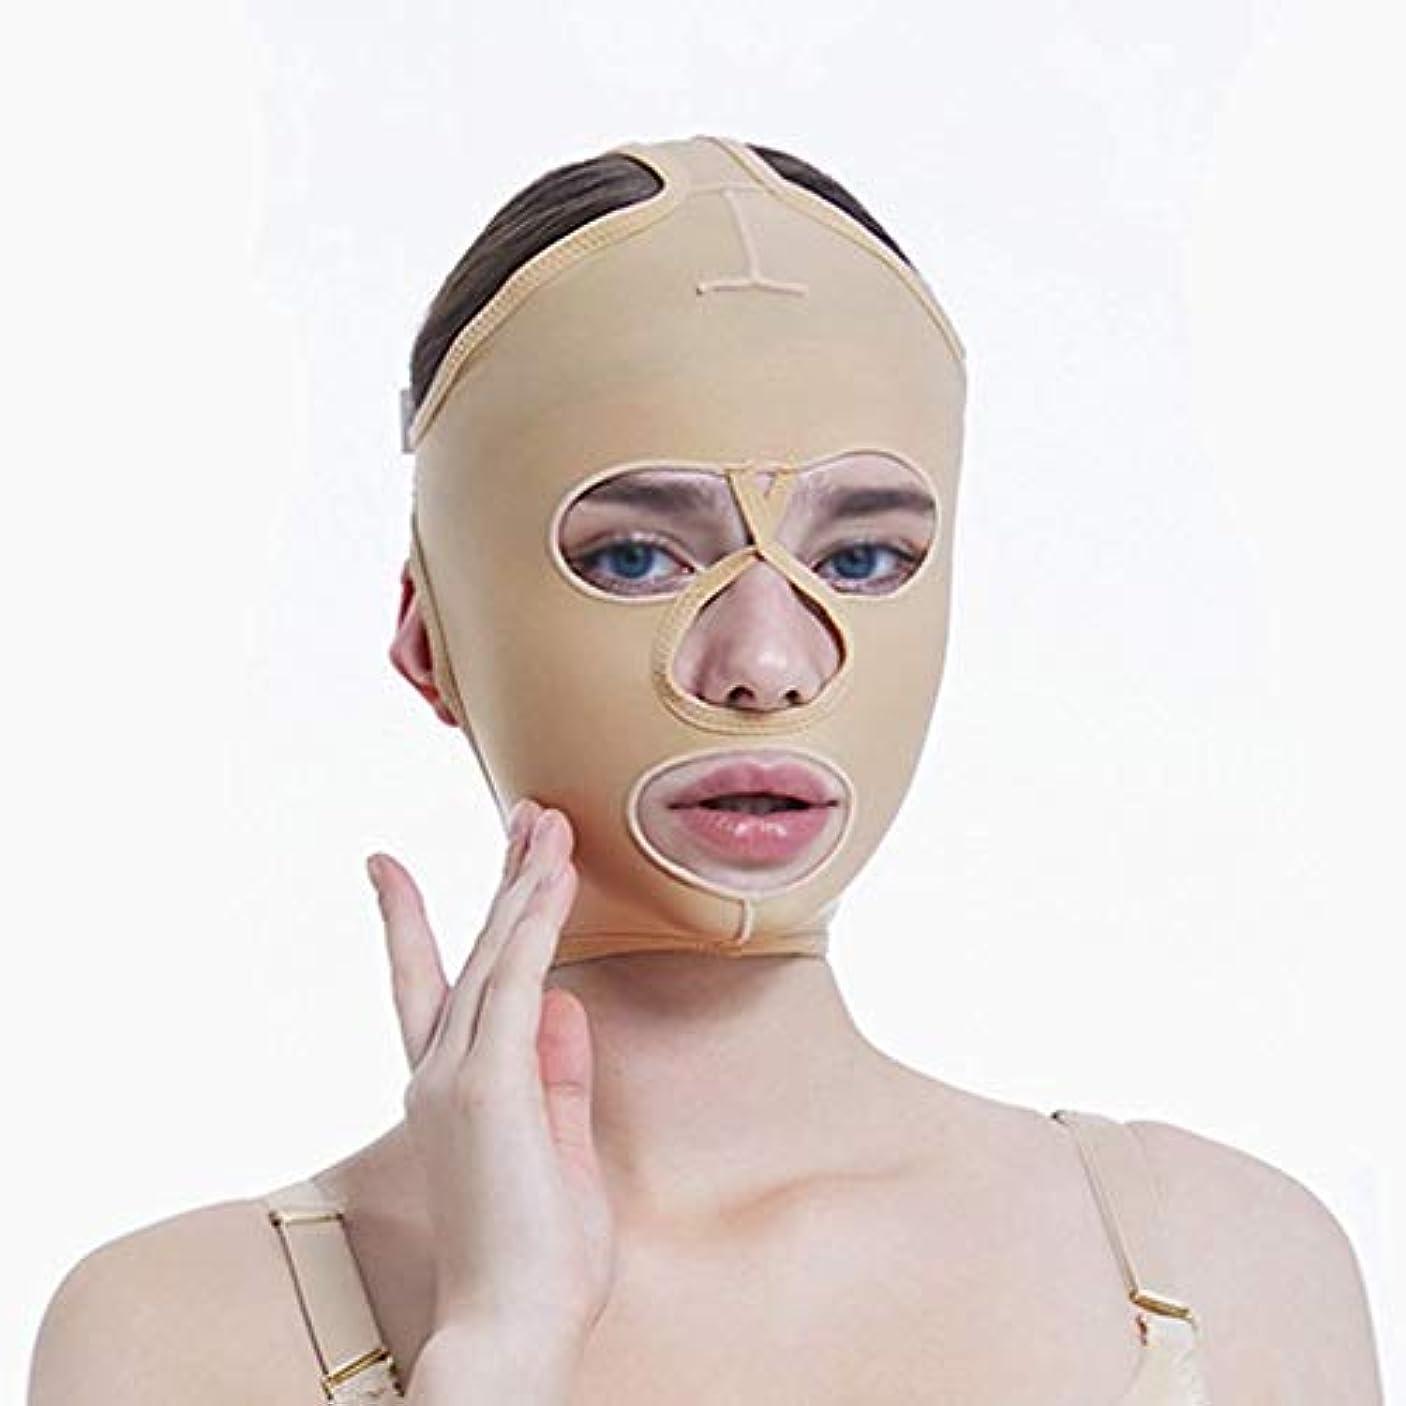 よろめくめんどりアルカイックチンリフティングベルト、超薄型ベルト、引き締めマスク、包帯吊り、フェイスリフティングマスク、超薄型ベルト、通気性(サイズ:L),M